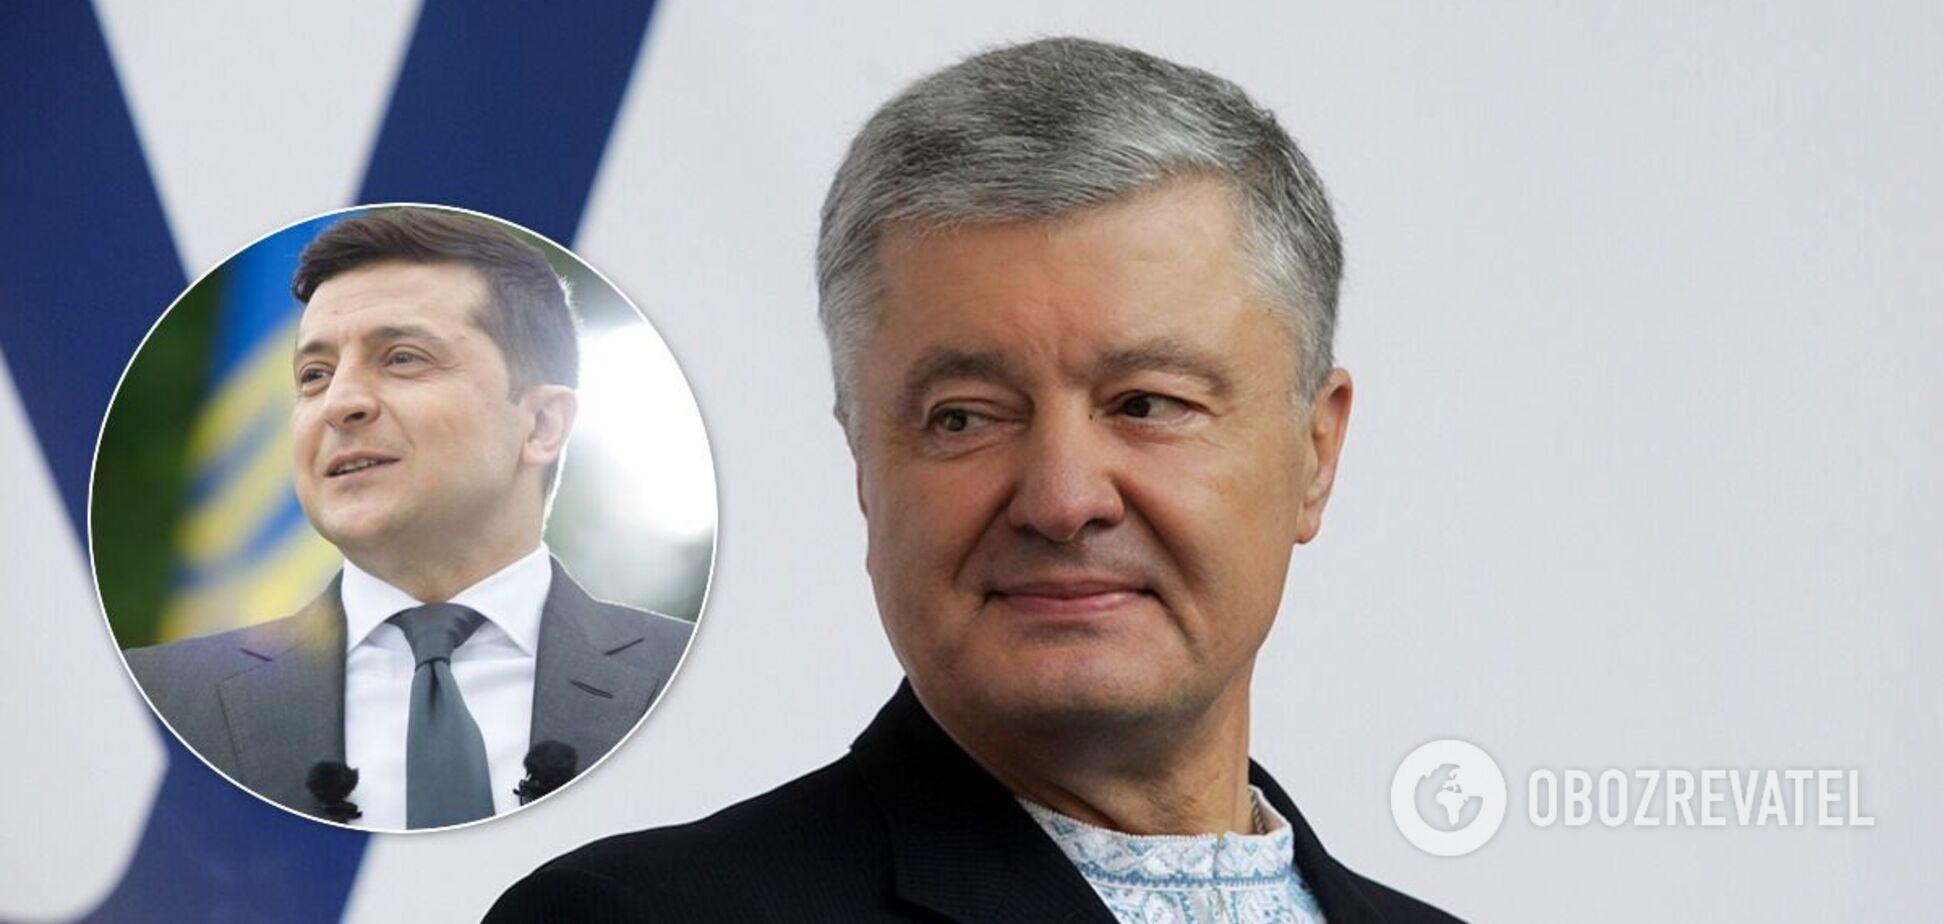 Порошенко о послании Зеленского: он живет в стране, где нет проблем